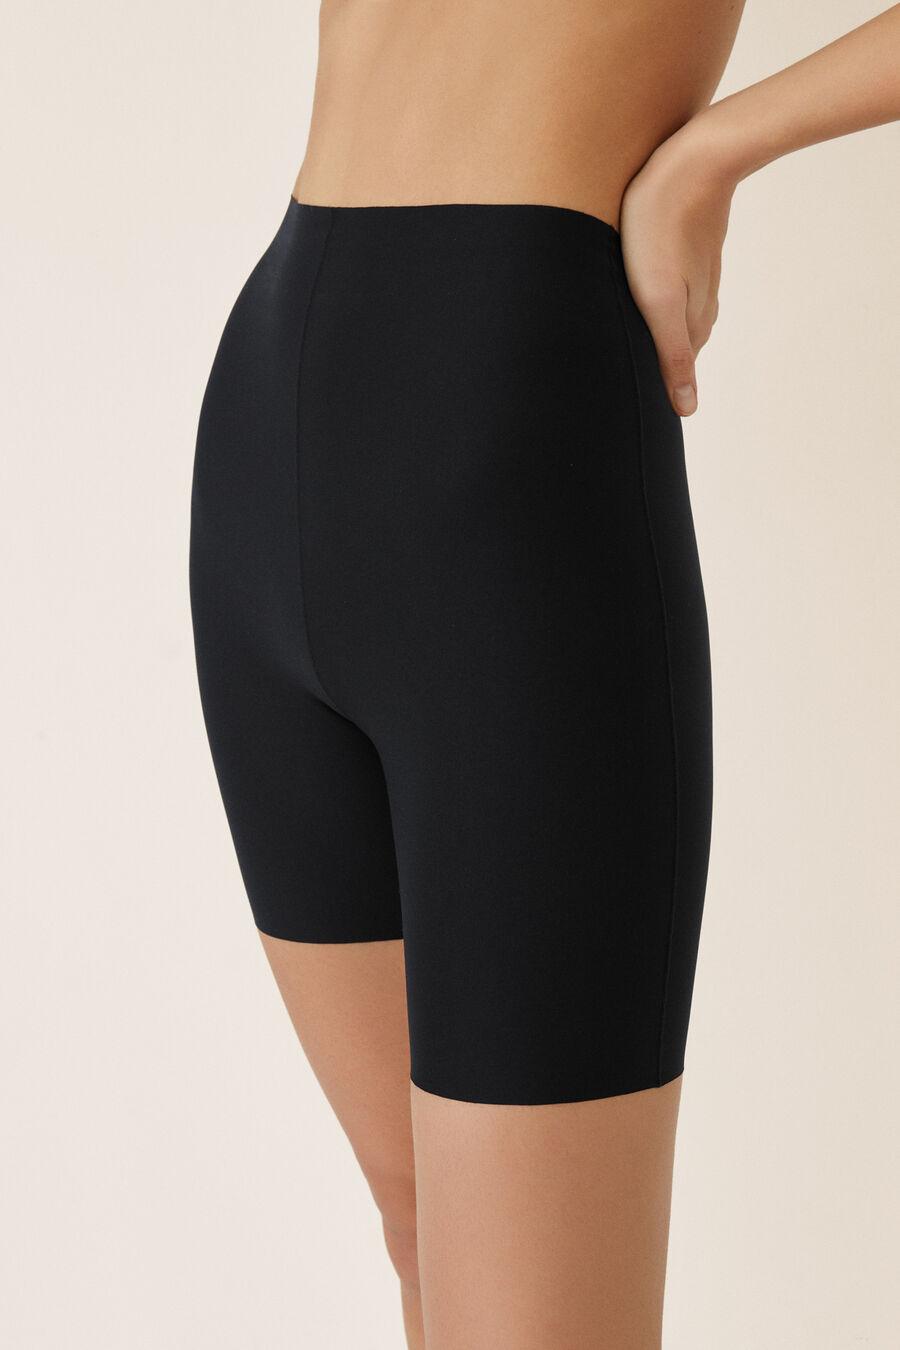 Shapewear shorts